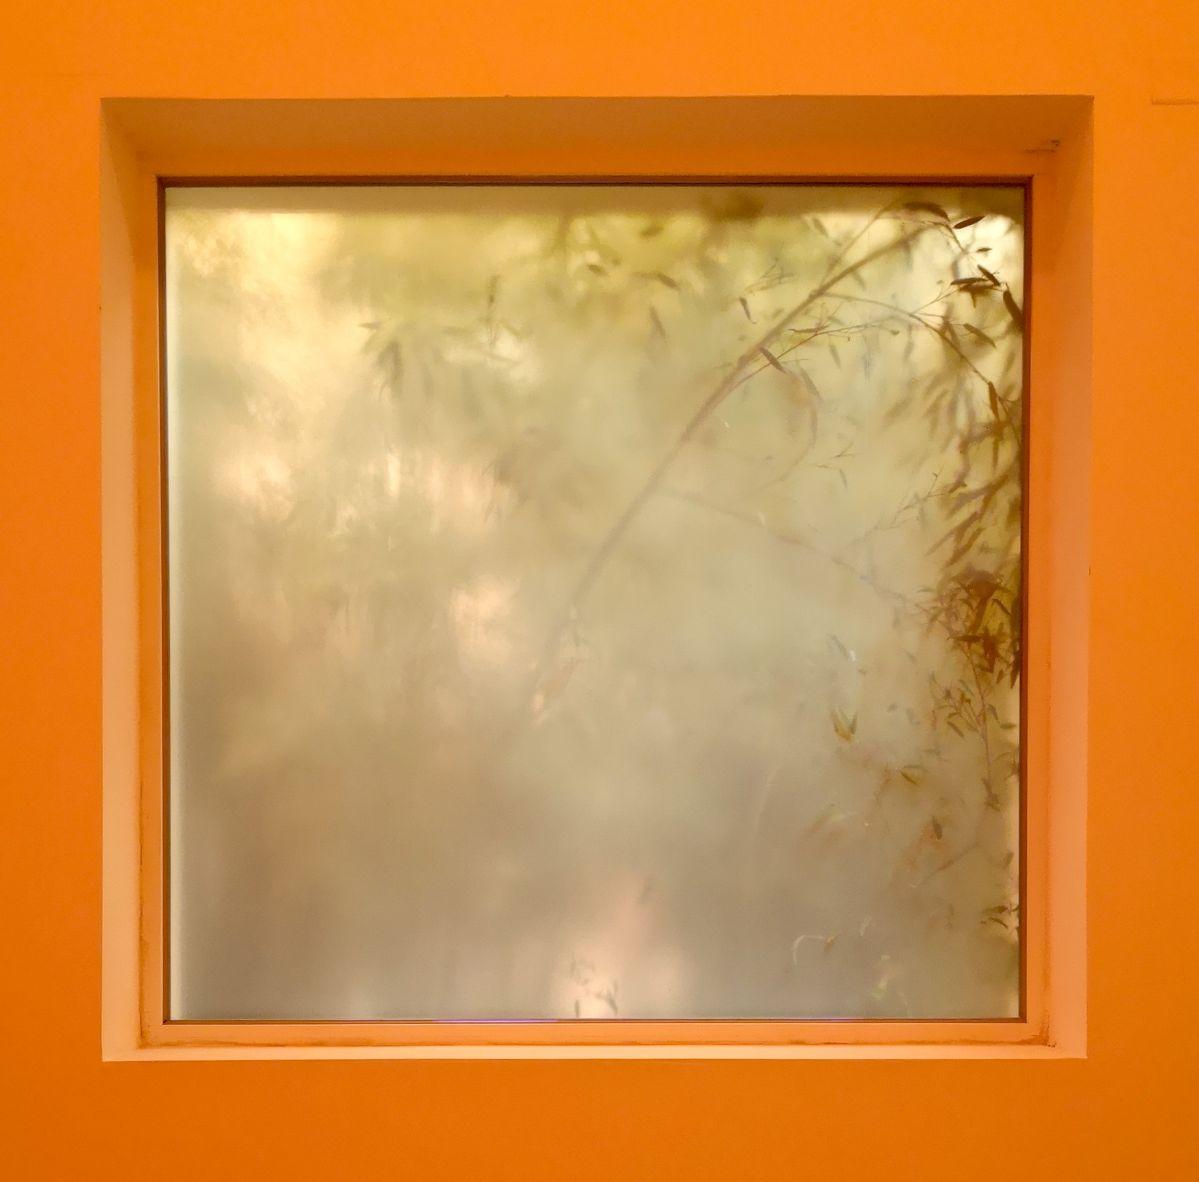 Serge Damon - Scénographie lumineuse, 2020 - The Ruins of Hope, 2019 - Permafrost - Les formes du désastre au MoCo La Panacée - Deuxième galerie